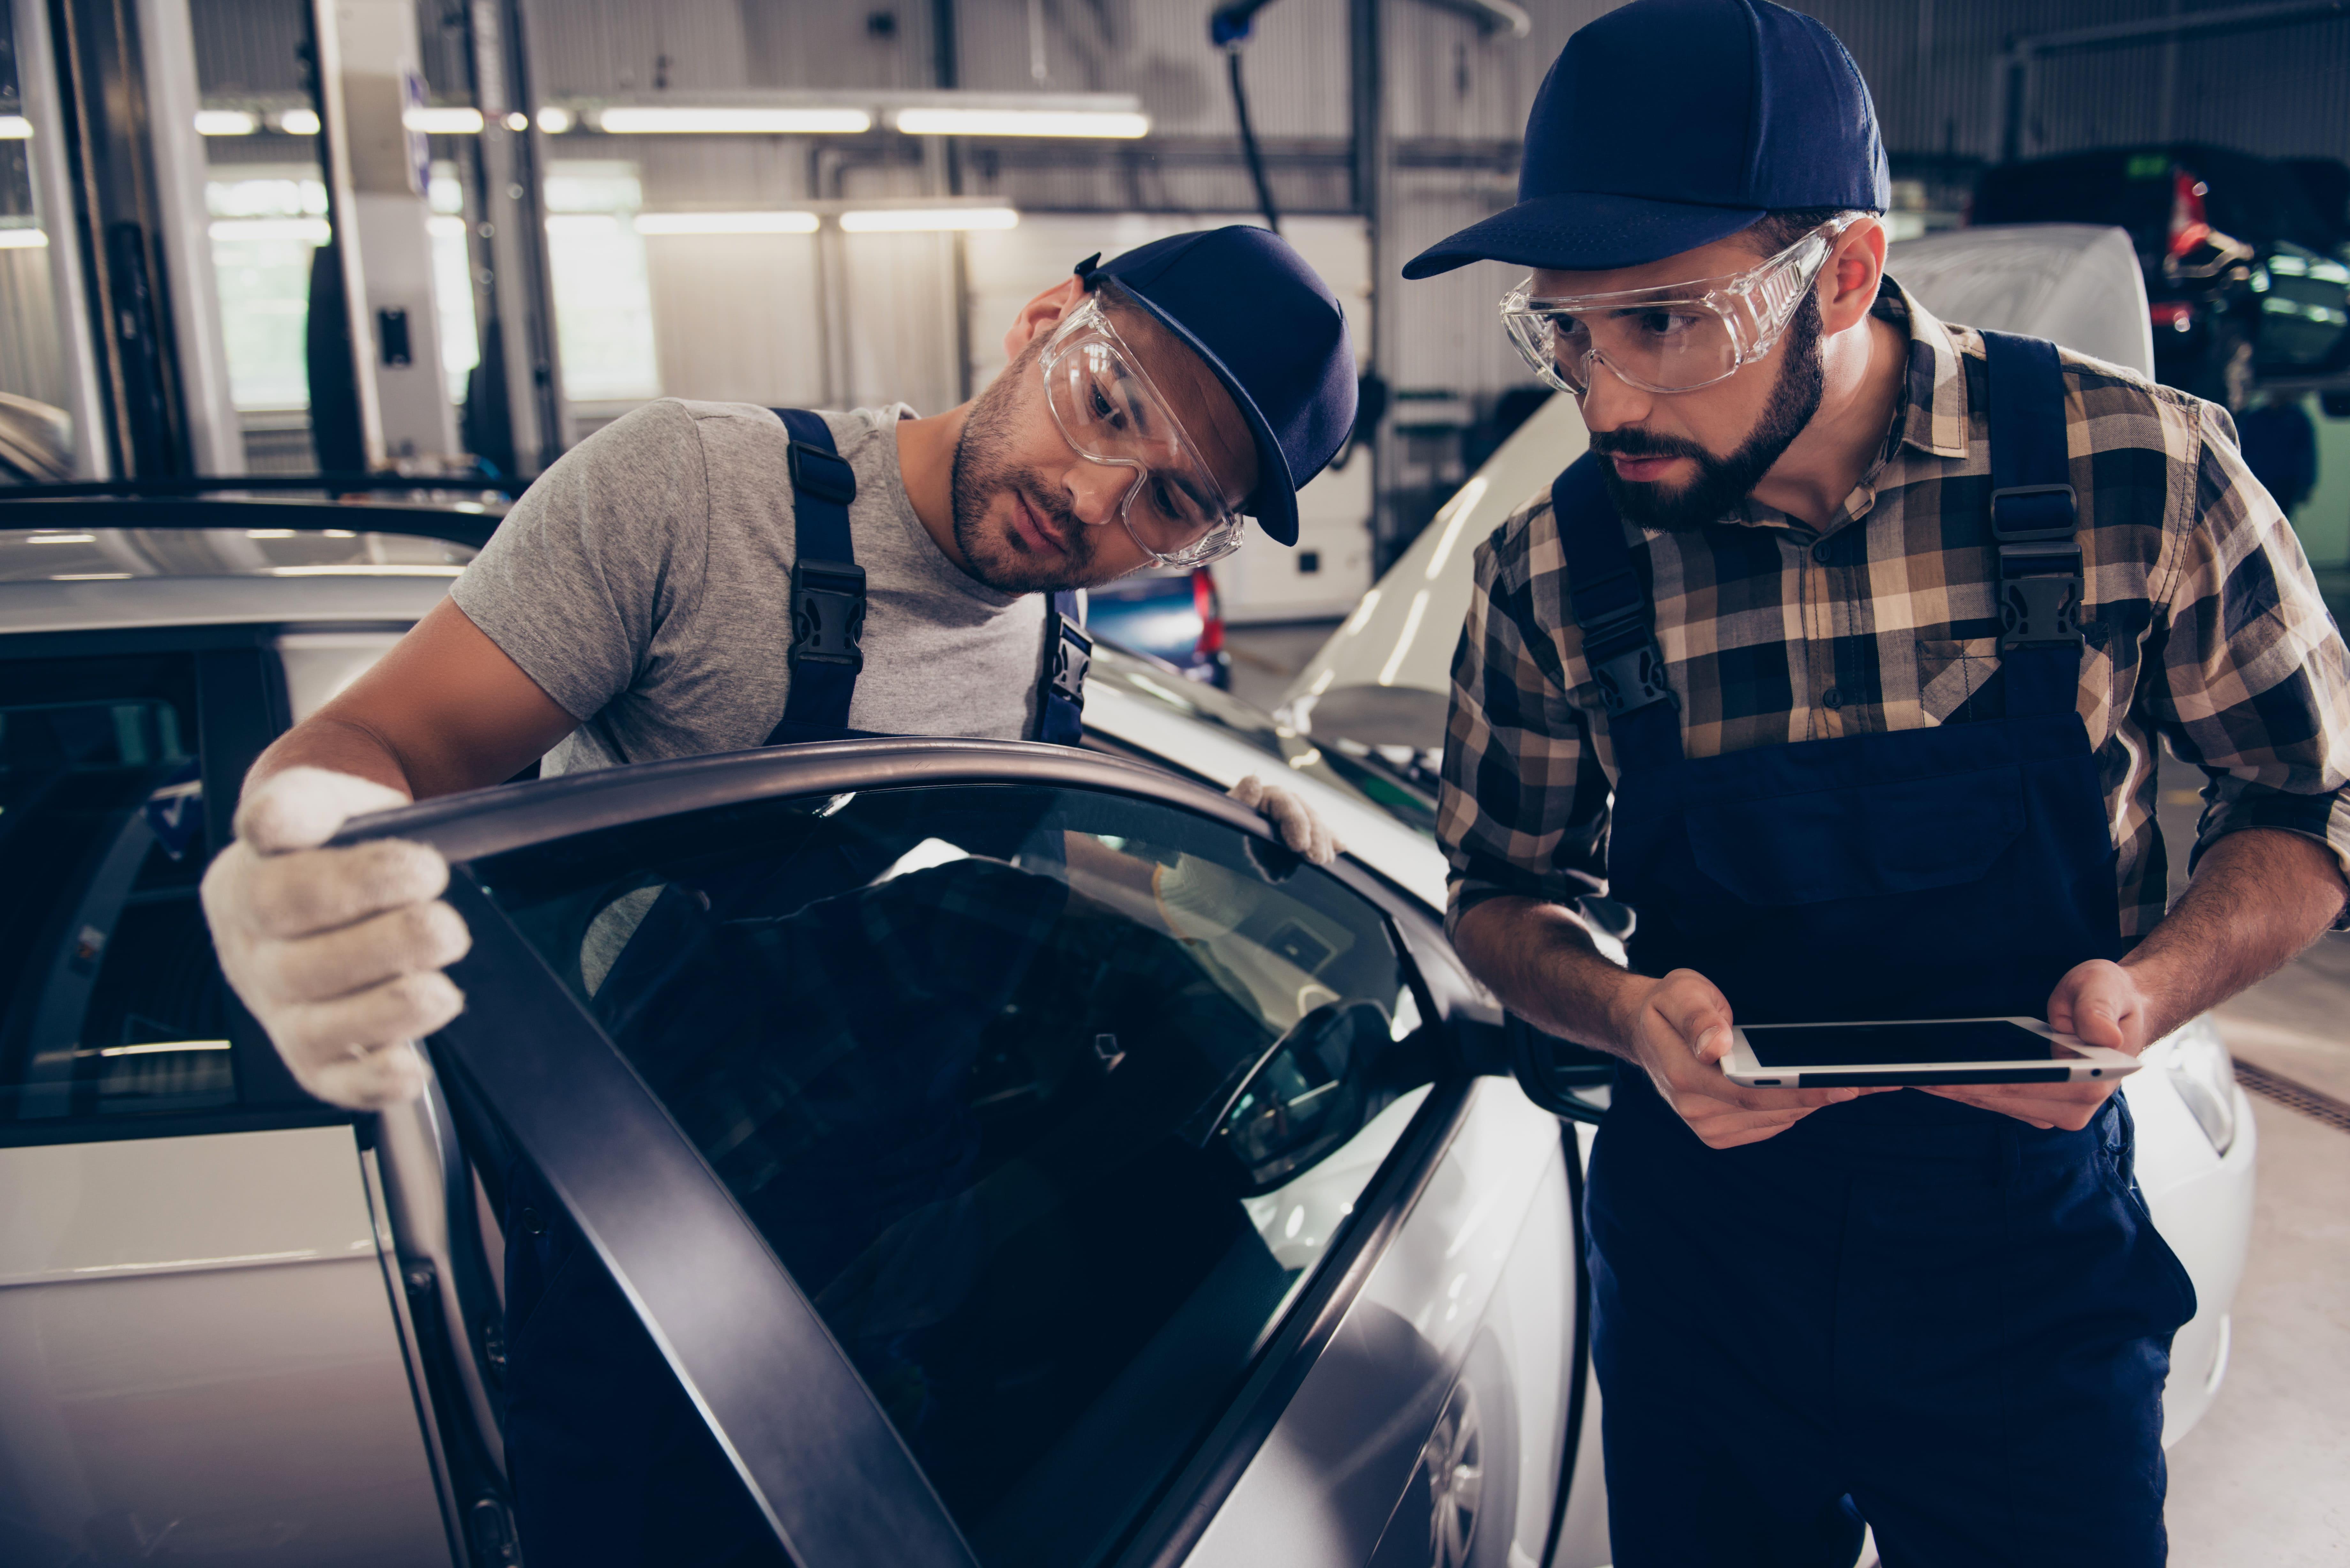 Imagem de dois homens medindo a intensidade do vidro do carro para remeter ao empreendedor que deseja montar um serviço de cromagem